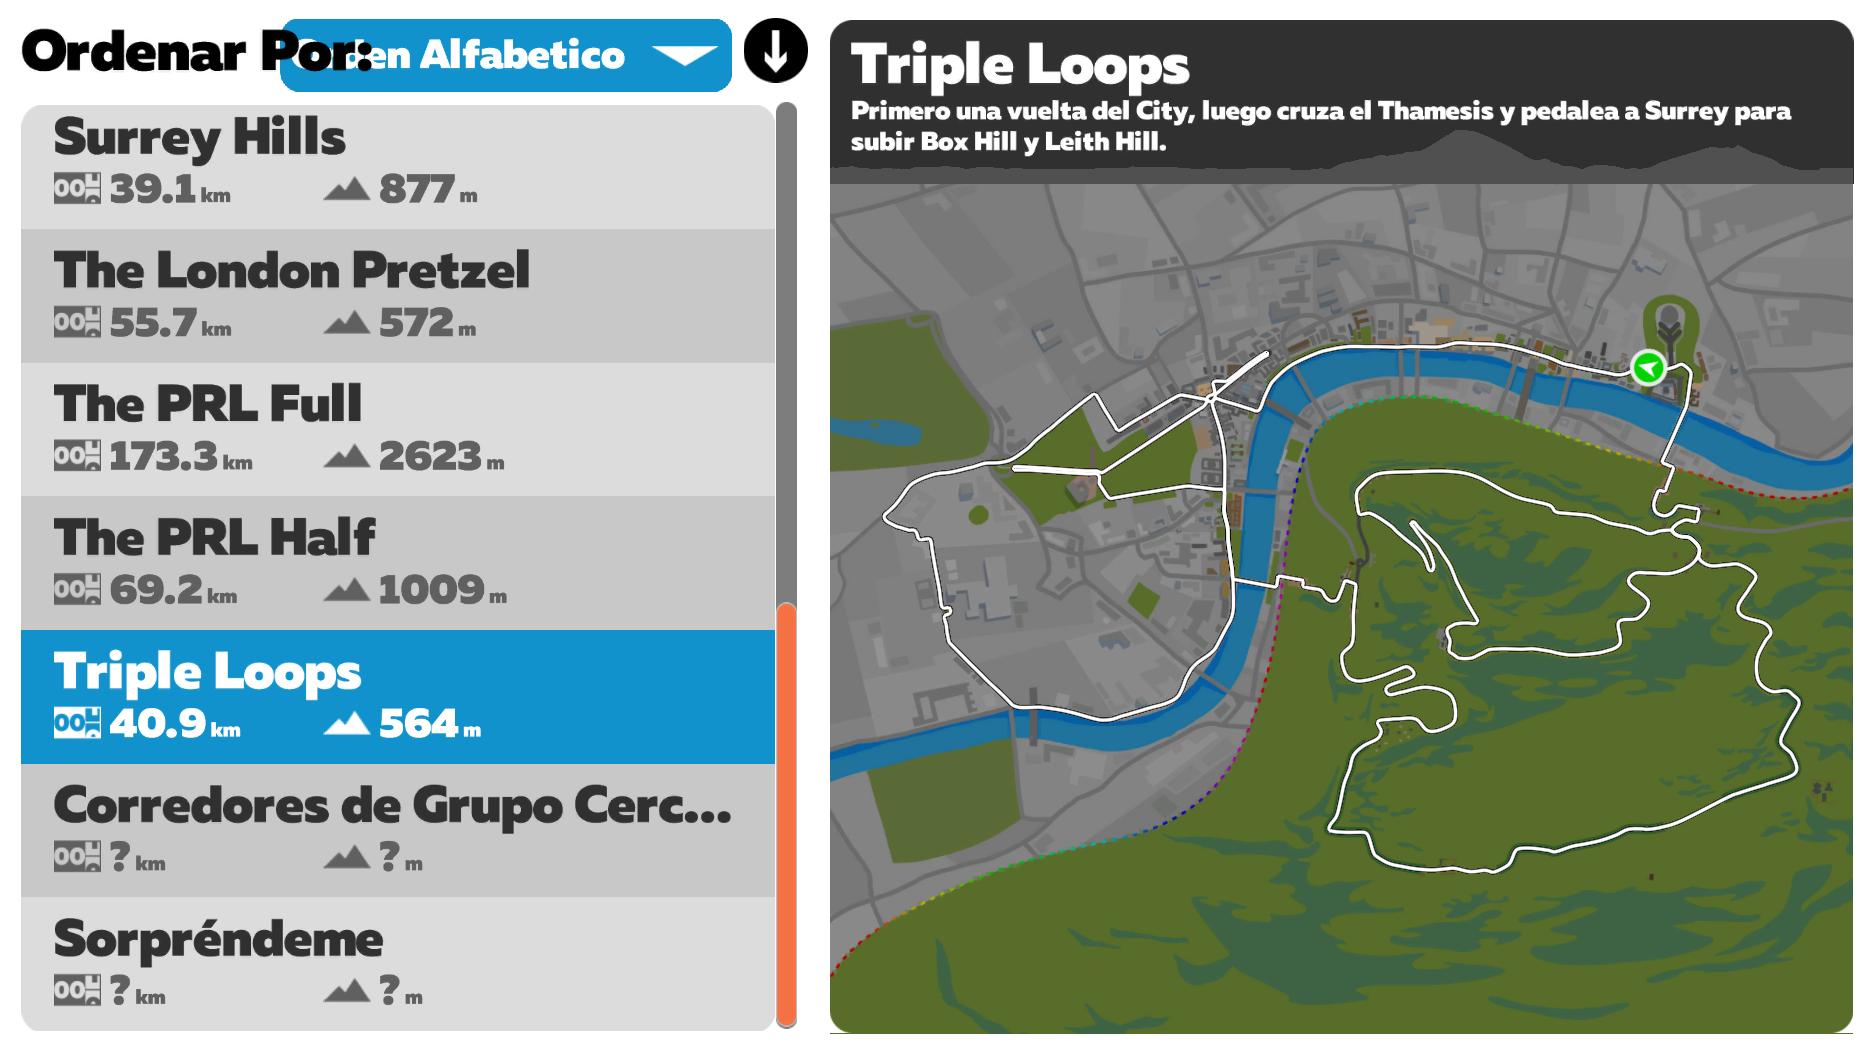 Ruta Zwift Triple Loops